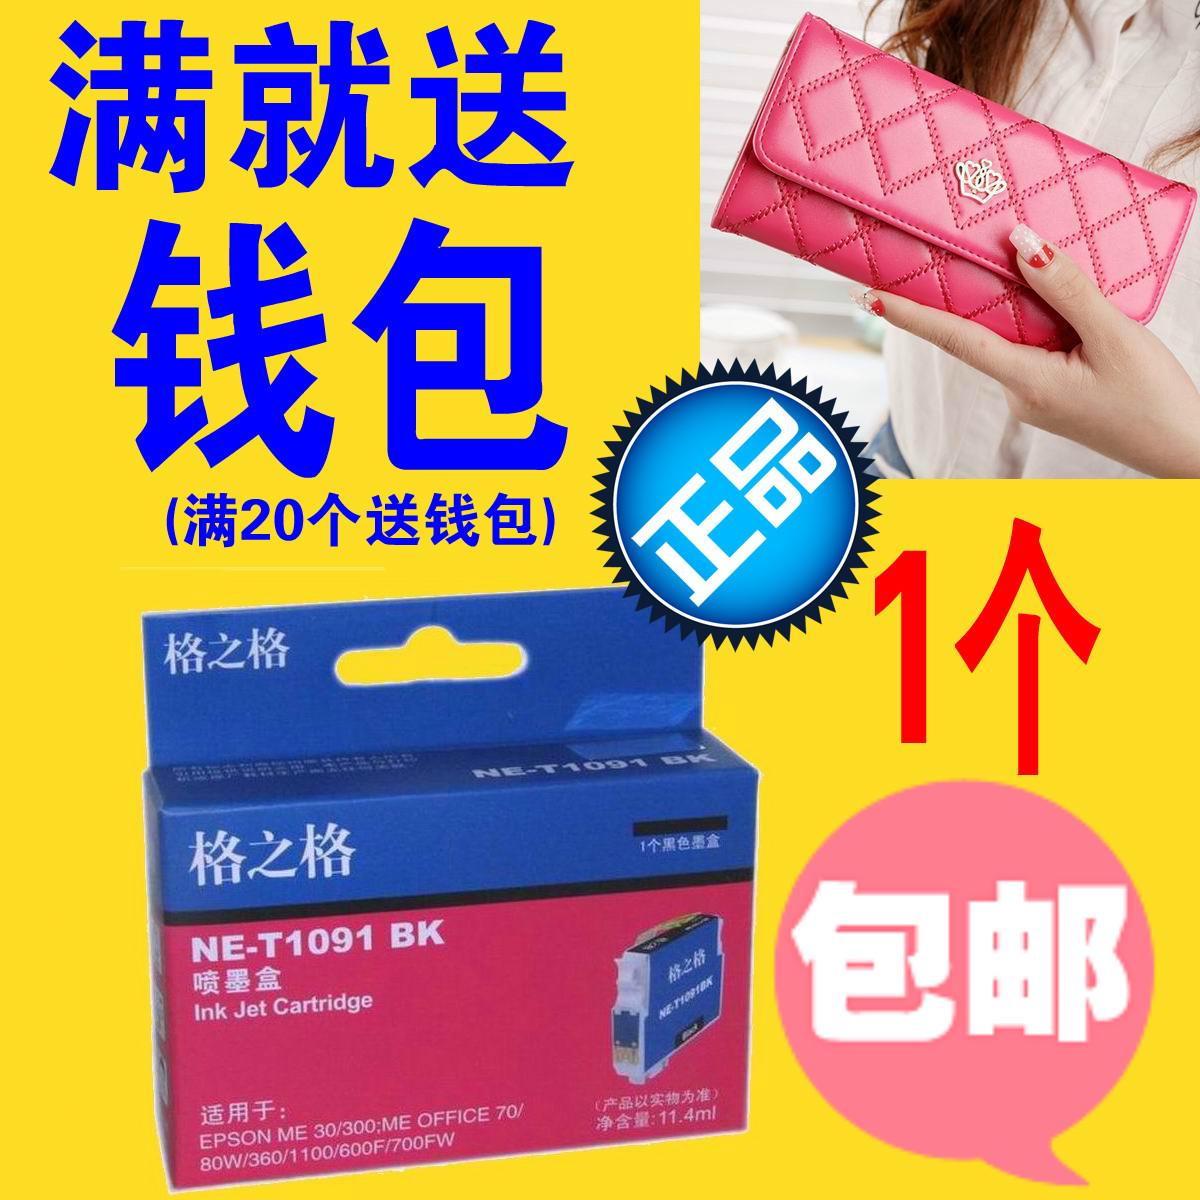 格之格T1091墨盒 �m用�燮丈�ME30 ME300墨盒ME600F ME1100墨盒109